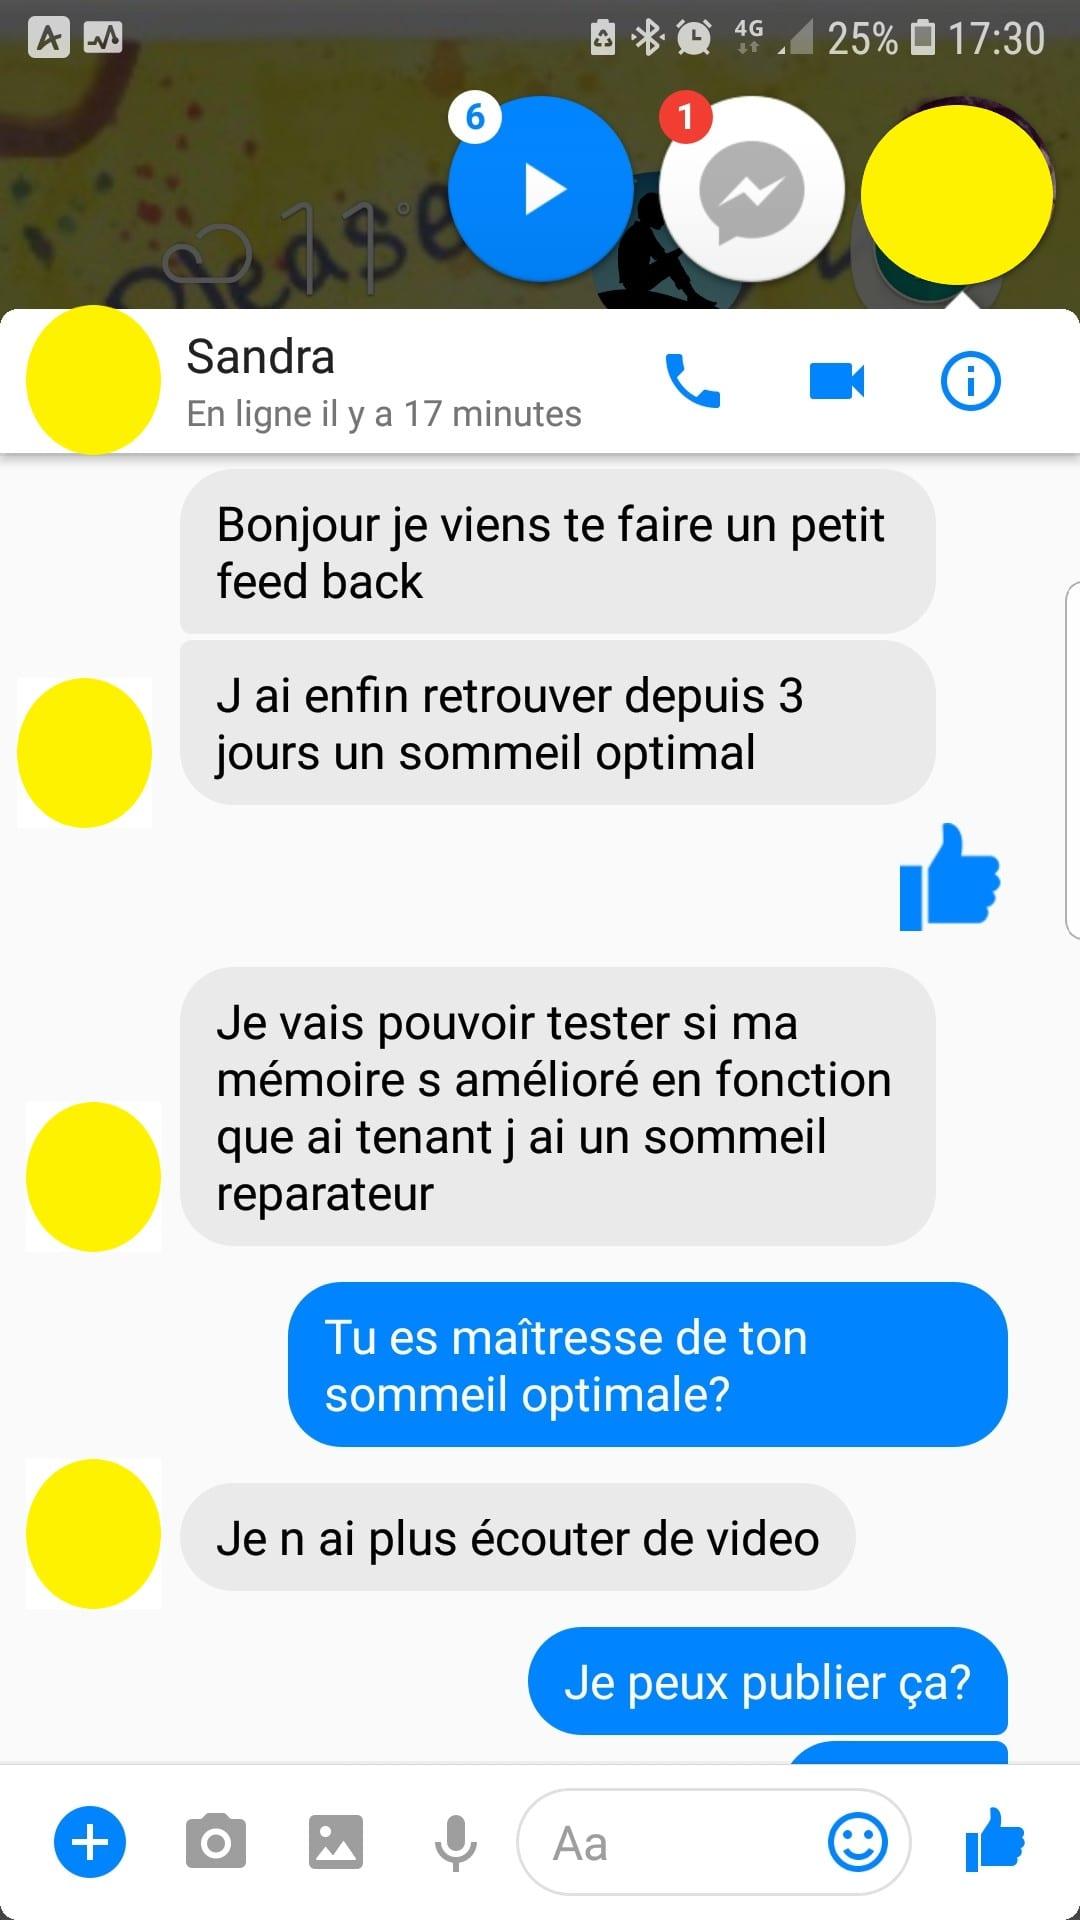 Shaff Ben Amar - Avis Sandra Hypnose et sommeil - screenshot 1- Hypnotiseur-Paris - Bourg-la-Reine